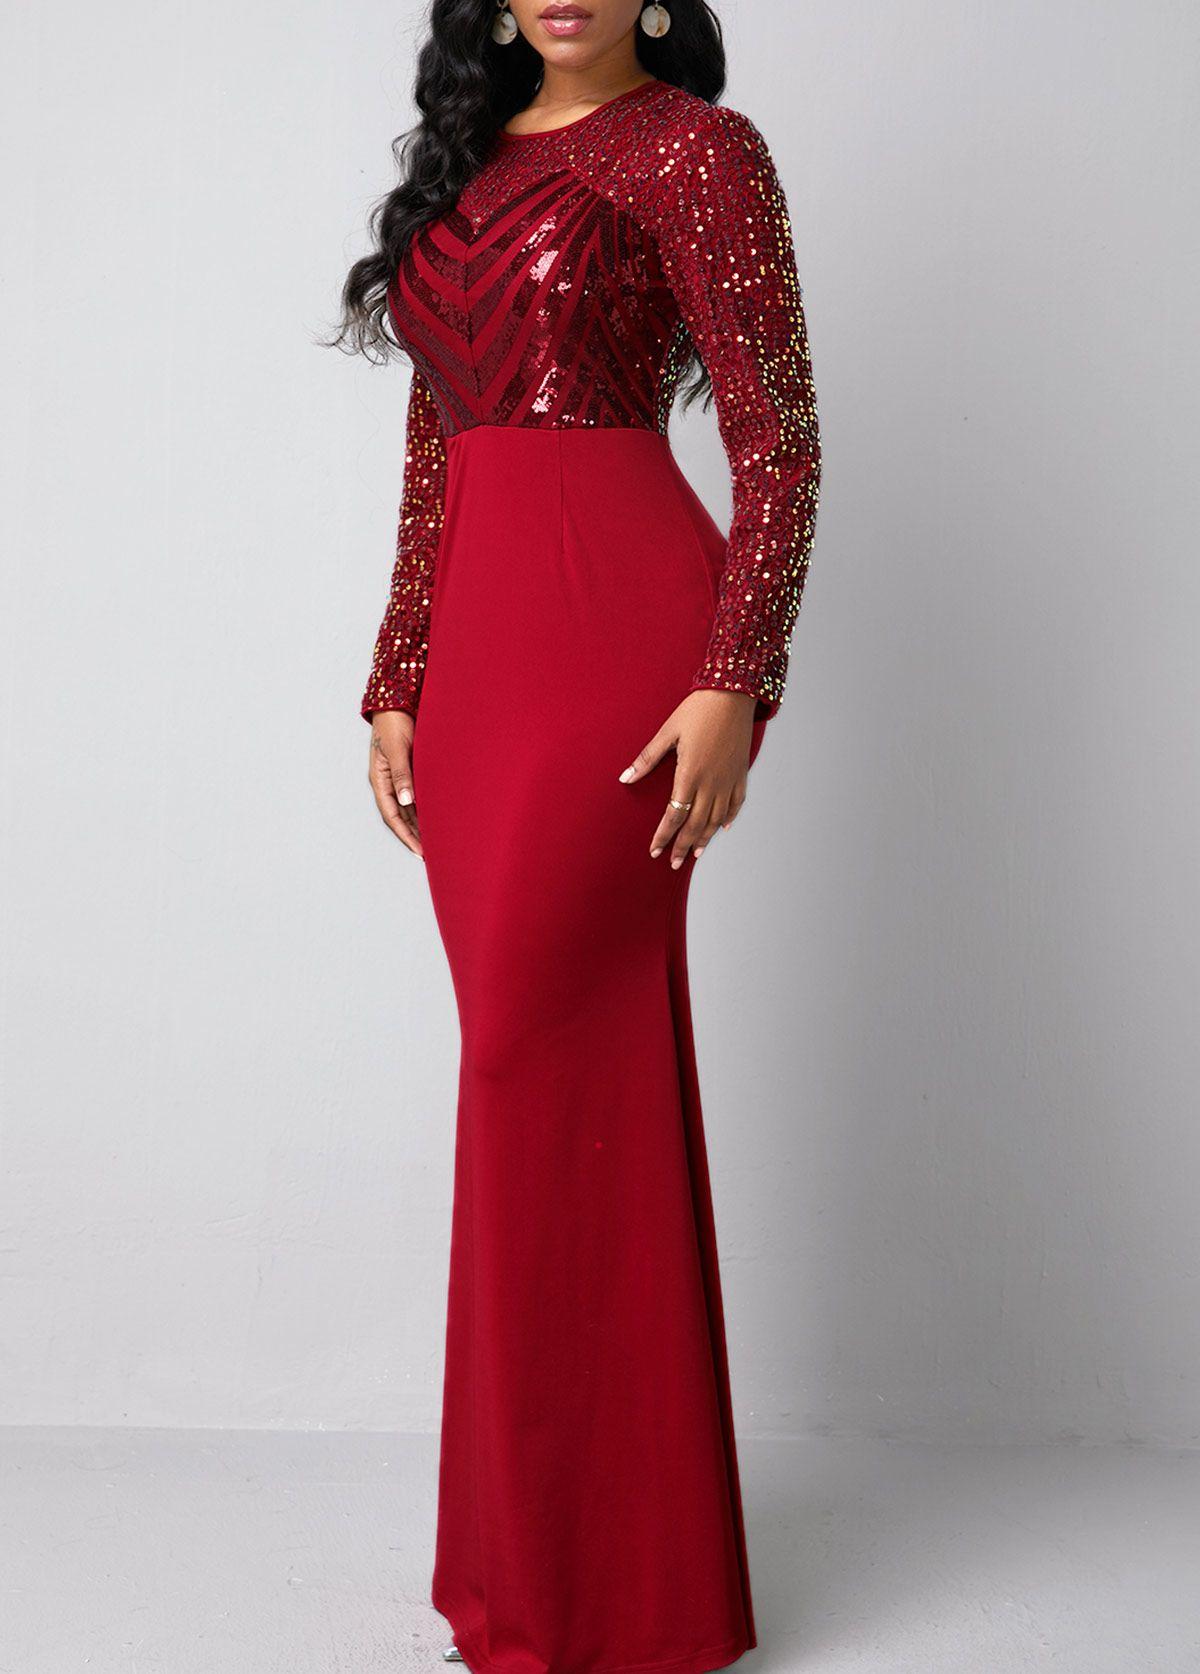 Long sleeve sequin detail red mermaid dress